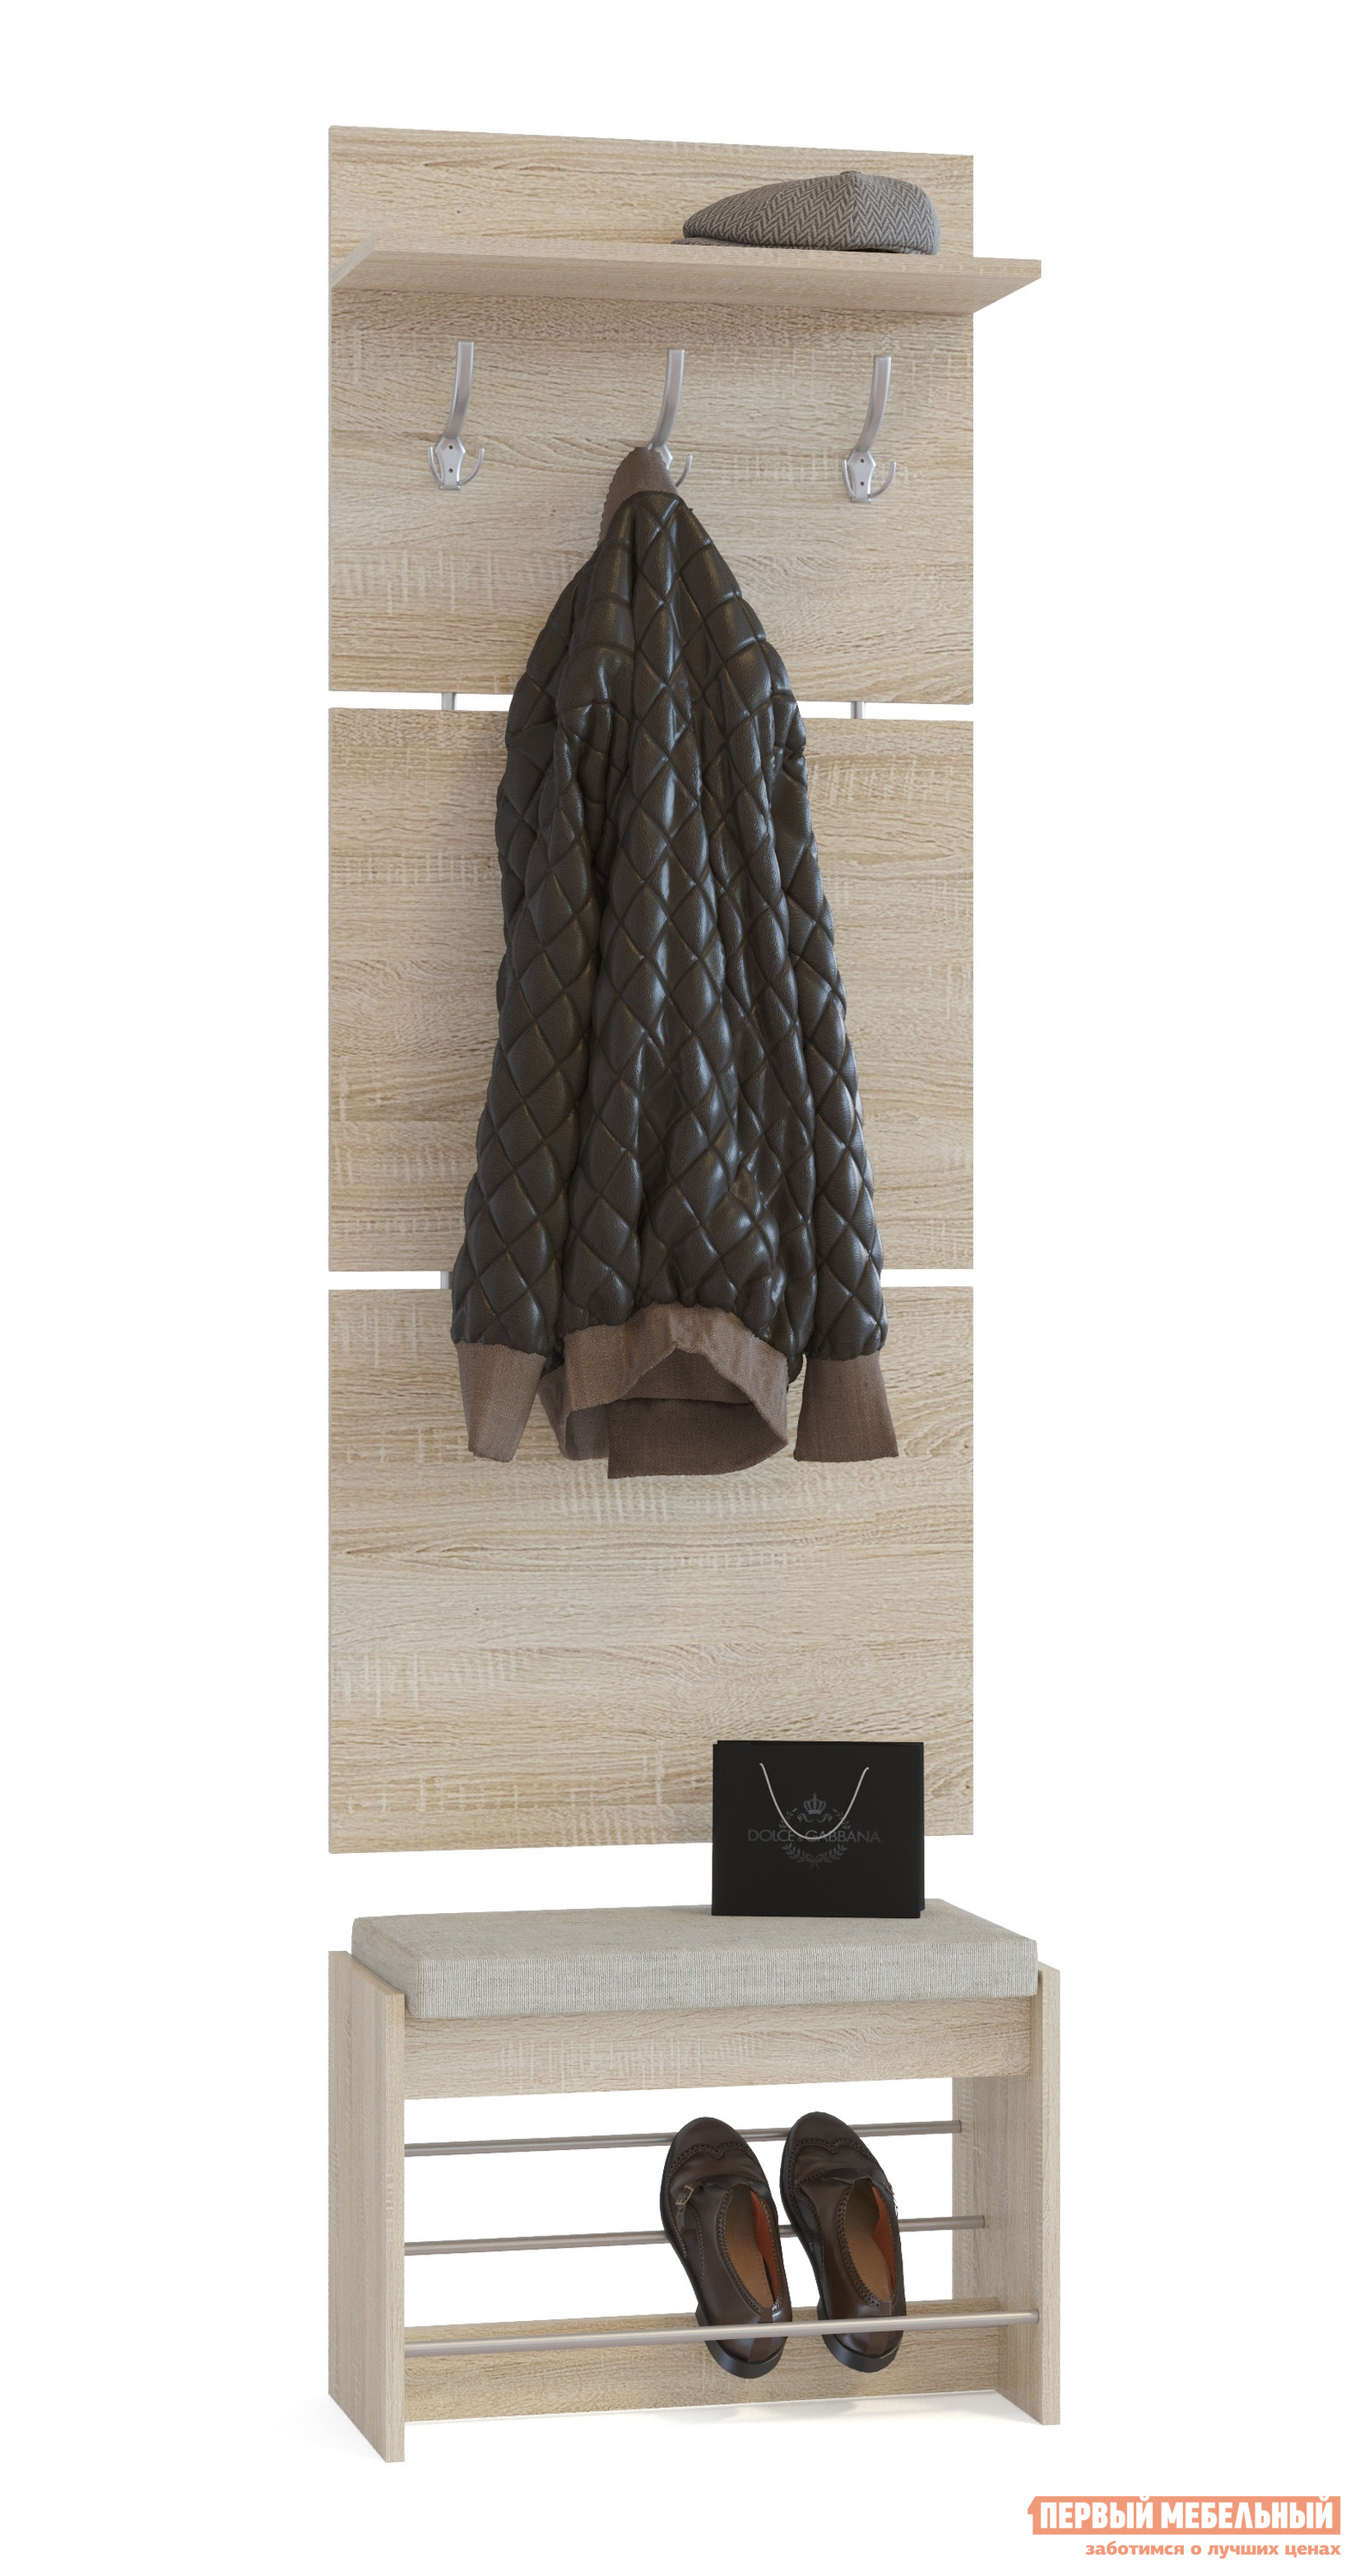 Прихожая Сокол ВШ-5.1+ТП-5 Дуб сономаПрихожие в коридор<br>Габаритные размеры ВхШхГ 1898x600x281 мм. Настенная вешалка с обувницей — удобный вариант для маленькой прихожей.  Модель позволит разместить сезонную одежду всей семьи.  Вешалка состоит из 3-х панелей соединенных металлическими вставками.  Полка, закрепленная над крючками для одежды, предназначена специально для головных уборов и зонтов.  Максимальная нагрузка на полку составляет 5 кг. Обувница имеет мягкое сидением, на котором удобно будет переобуваться.  Открытые полочки позволяют разместить до четырех пар обуви.  Максимальная нагрузка на обувницу — 120 кг. Модули изготавливаются из ЛДСП 16 мм, края обработаны кромкой ПВХ 0,4 мм.  Наполнение мягкого элемента на обувнице — ППУ, обивка — ткань рогожка.  Рекомендуем сохранить инструкцию по сборке (паспорт изделия) до истечения гарантийного срока.<br><br>Цвет: Дуб сонома<br>Цвет: Светлое дерево<br>Высота мм: 1898<br>Ширина мм: 600<br>Глубина мм: 281<br>Кол-во упаковок: 2<br>Форма поставки: В разобранном виде<br>Срок гарантии: 2 года<br>Тип: Прямые<br>Характеристика: Модульные<br>Материал: из ЛДСП<br>Размер: Маленькие, Узкие, Глубиной до 30 см, Глубиной до 35 см<br>Особенности: С сиденьем, С открытой вешалкой, С обувницей, Без шкафа